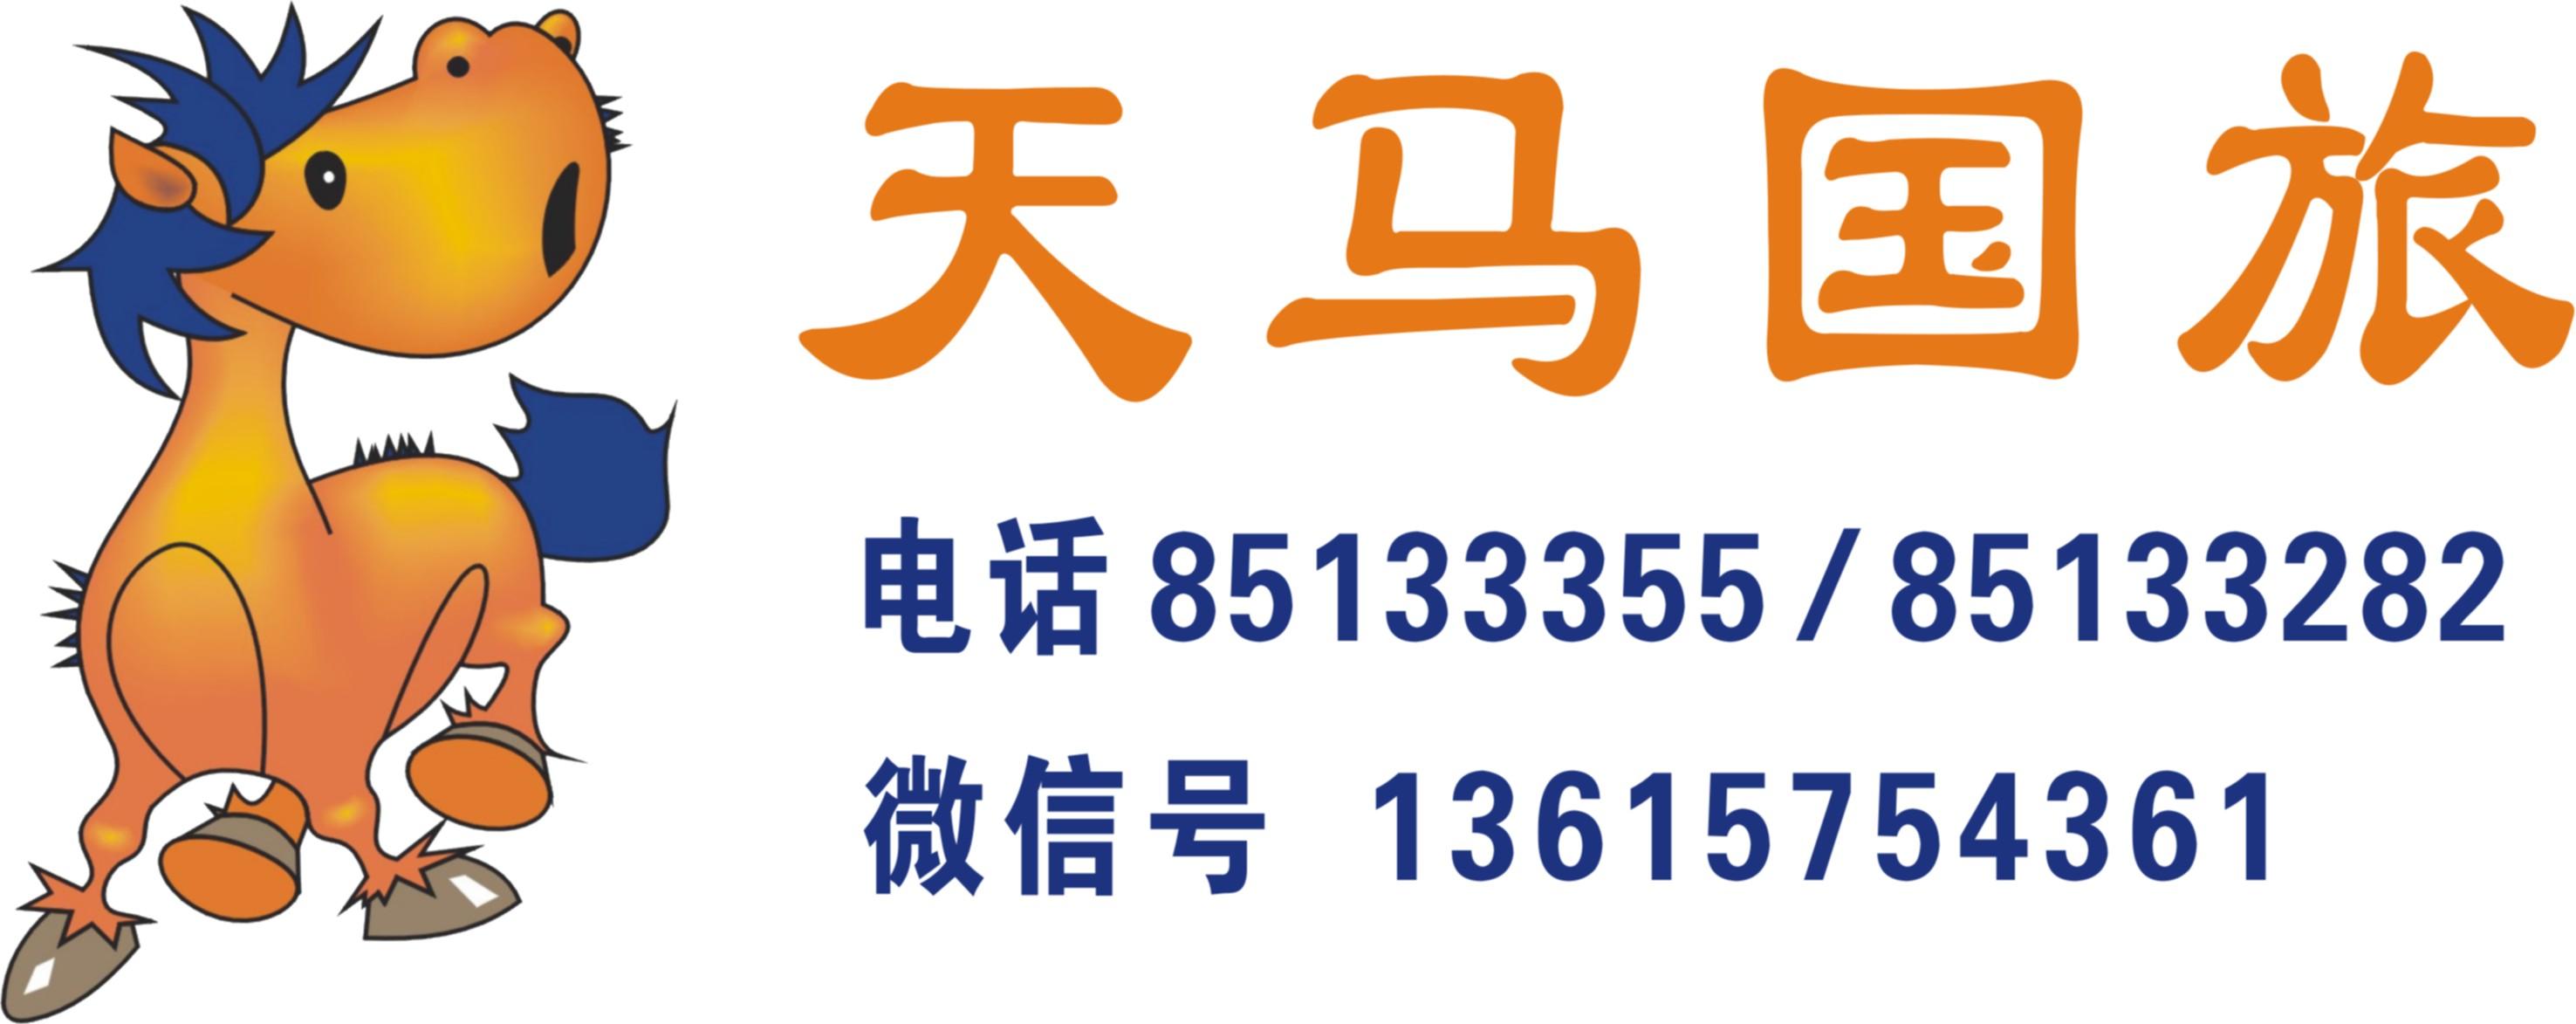 4.20【诸葛八卦村、地下长河、三清山二日】挂三酒店、含索道